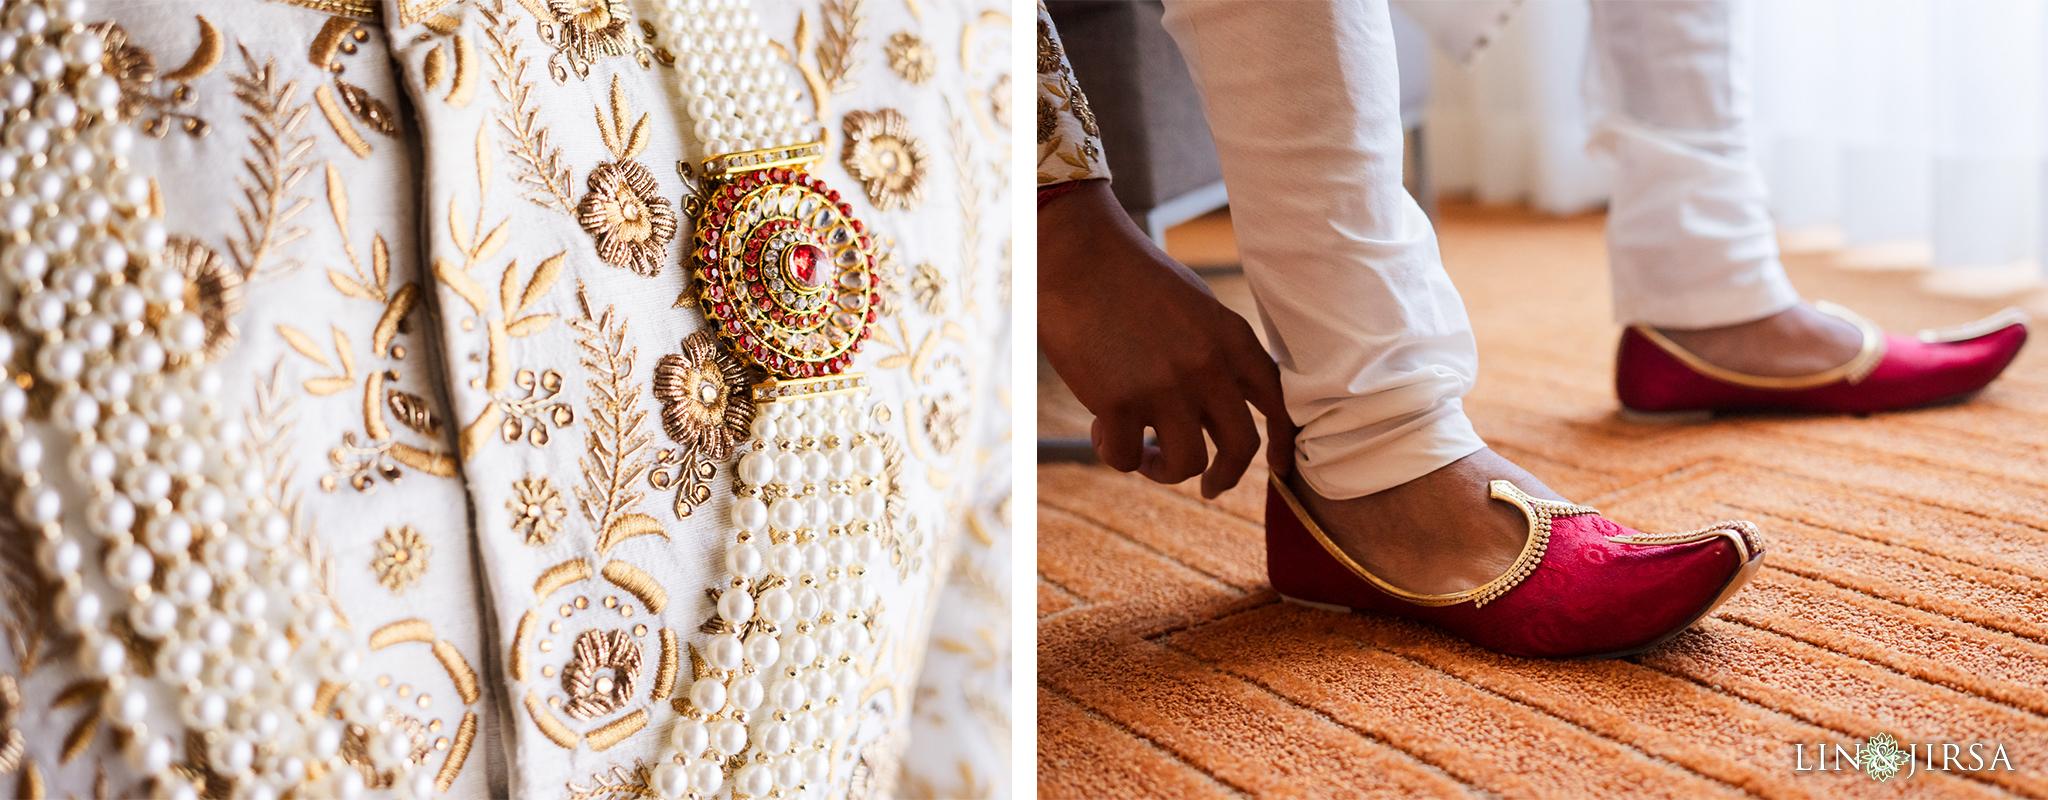 05 Hotel Irvine Punjabi Hindu Indian Wedding Photography